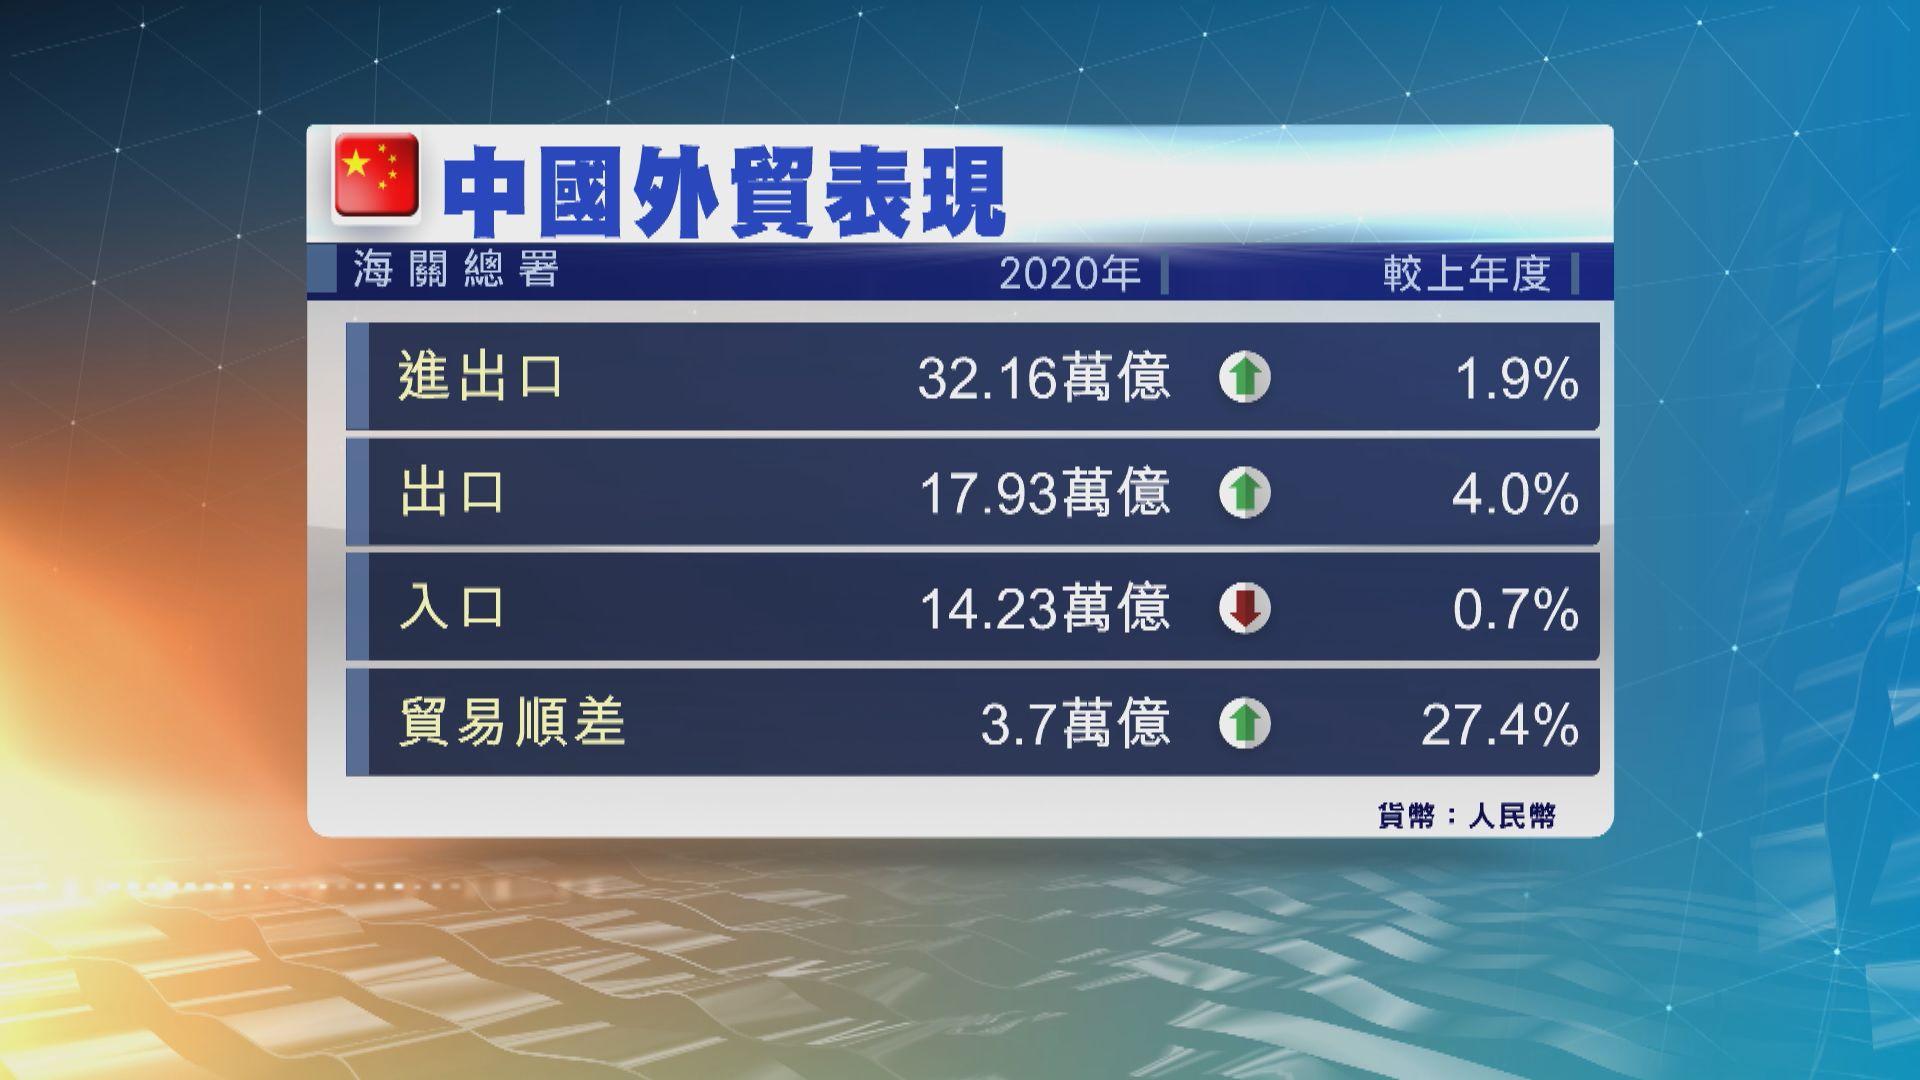 中國上月進出口表現勝預期 全年進出口規模創歷史新高